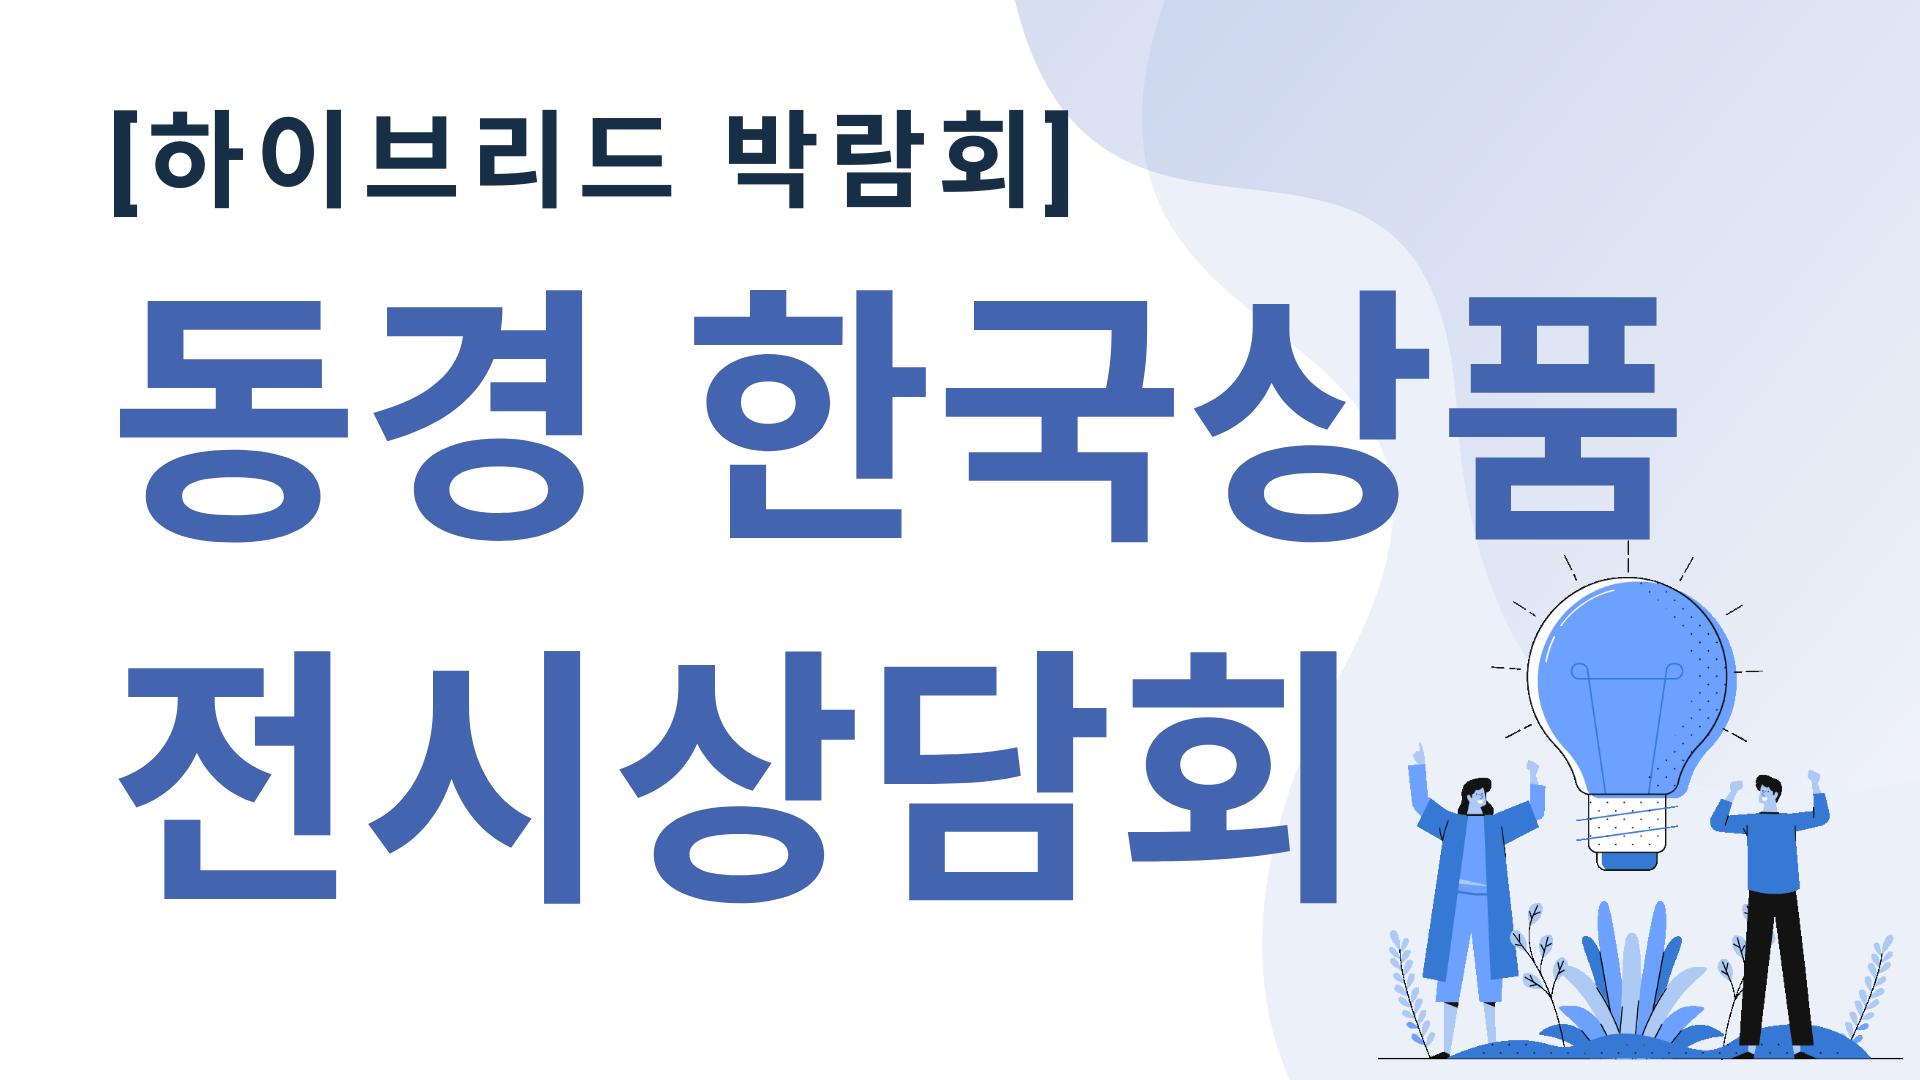 일본 하이브리드 박람회 사례 (동경 한국상품 전시상담회)